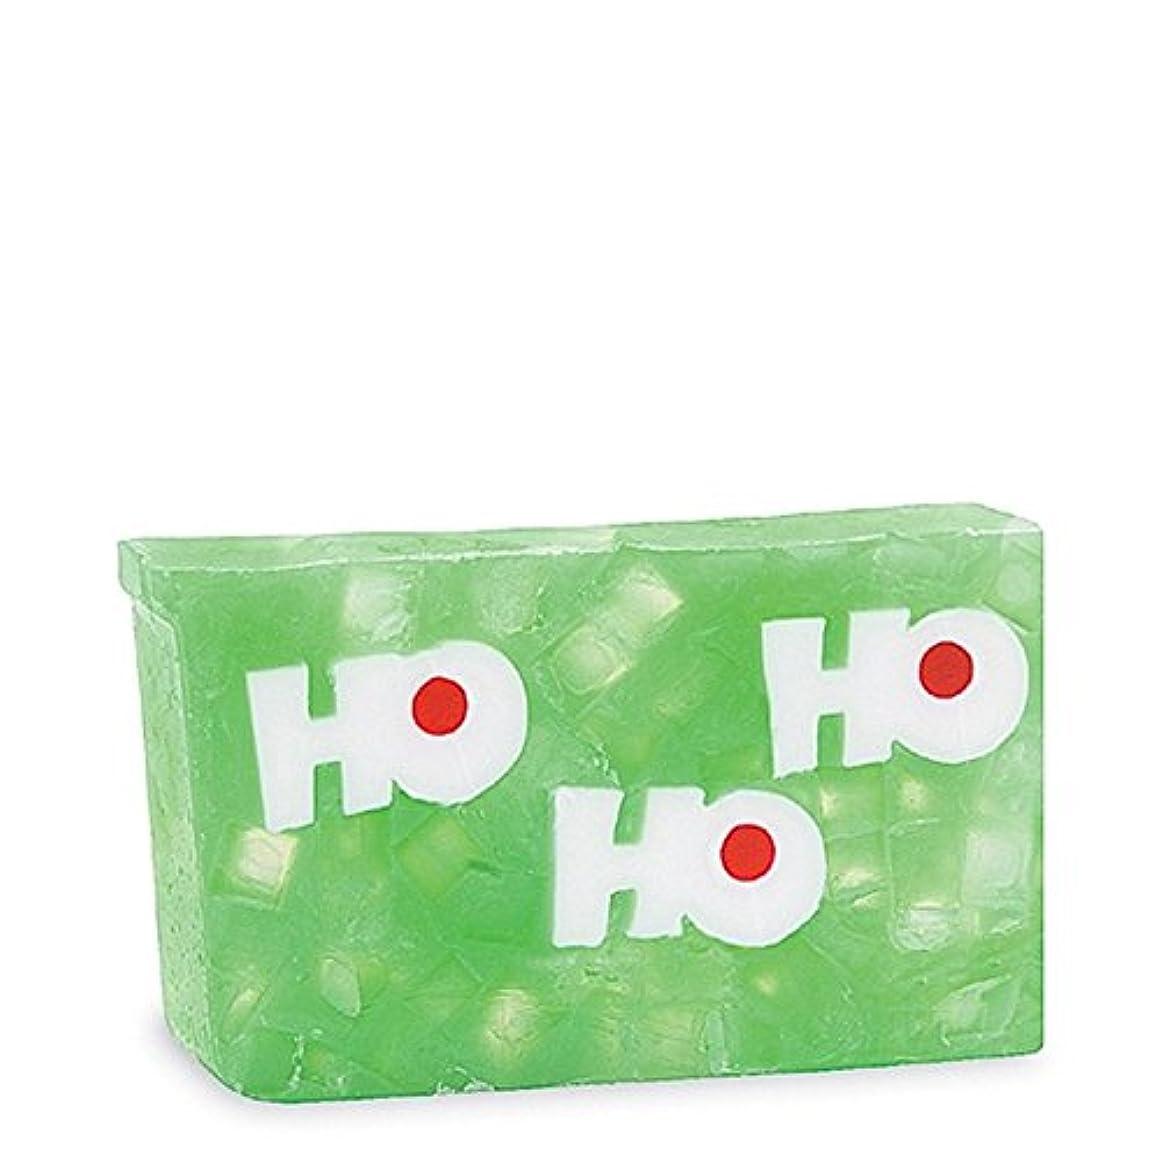 マティス悪意のあるスクラッチ原初の要素ホーホーホ石鹸 x4 - Primal Elements Ho Ho Ho Soap (Pack of 4) [並行輸入品]